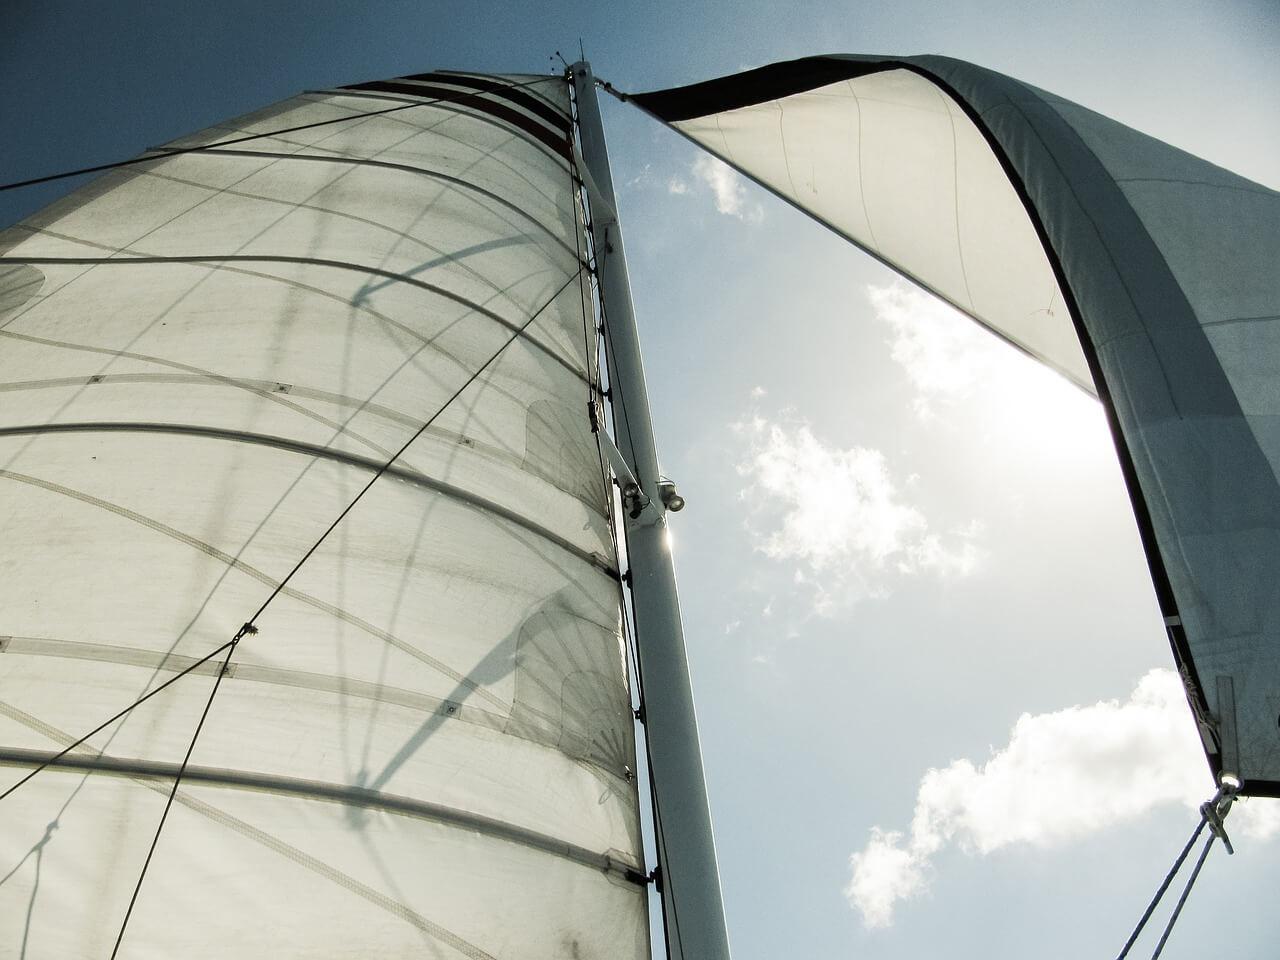 sailboat-691452_1280